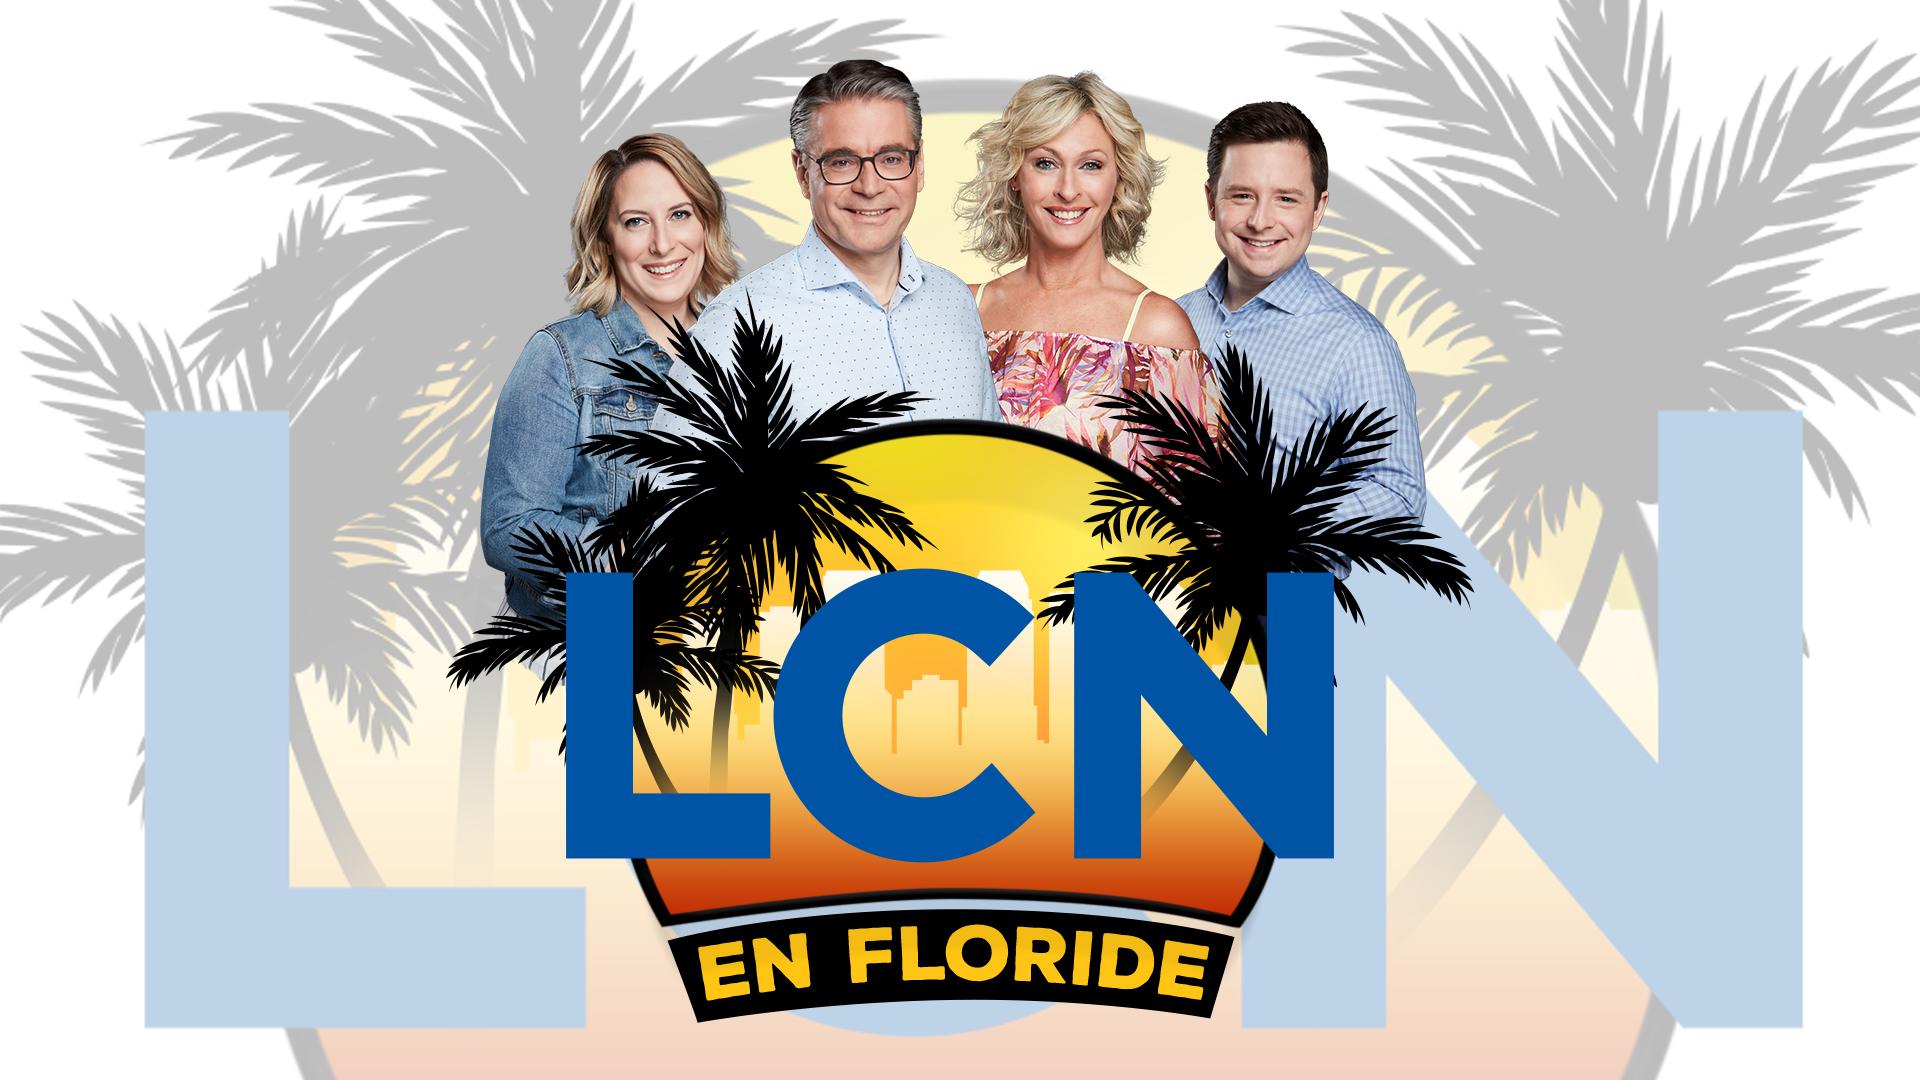 LCN ira rejoindre les centaines de milliers de Québécois en Floride